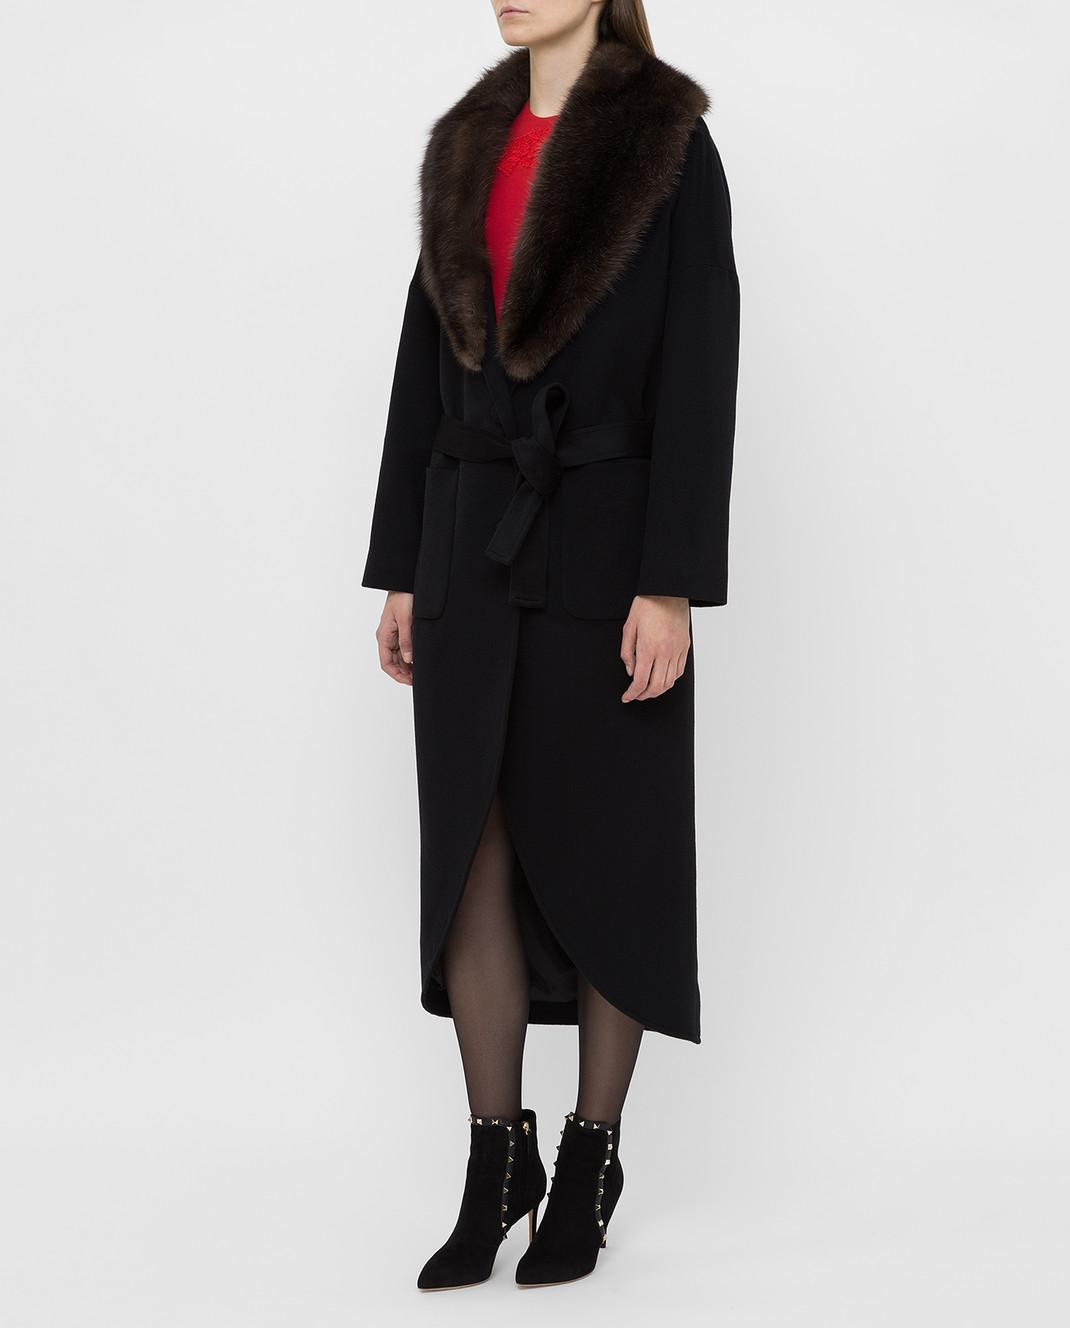 Real Furs House Черное пальто из кашемира с мехом соболя GT02 изображение 3